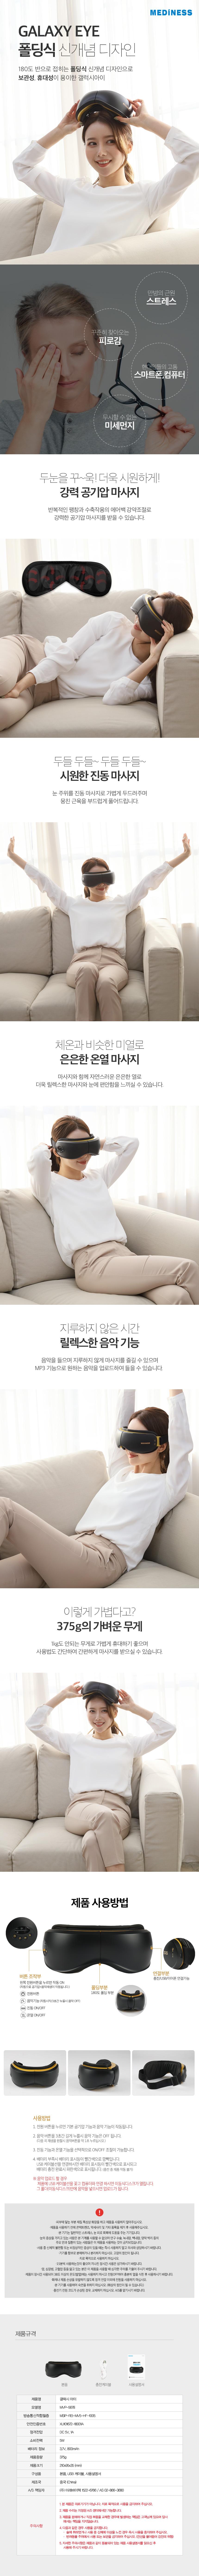 눈마사지기 눈안마기 갤럭시아이 MVP-5678 - 메드니스, 299,000원, 안마/교정, 부위안마기